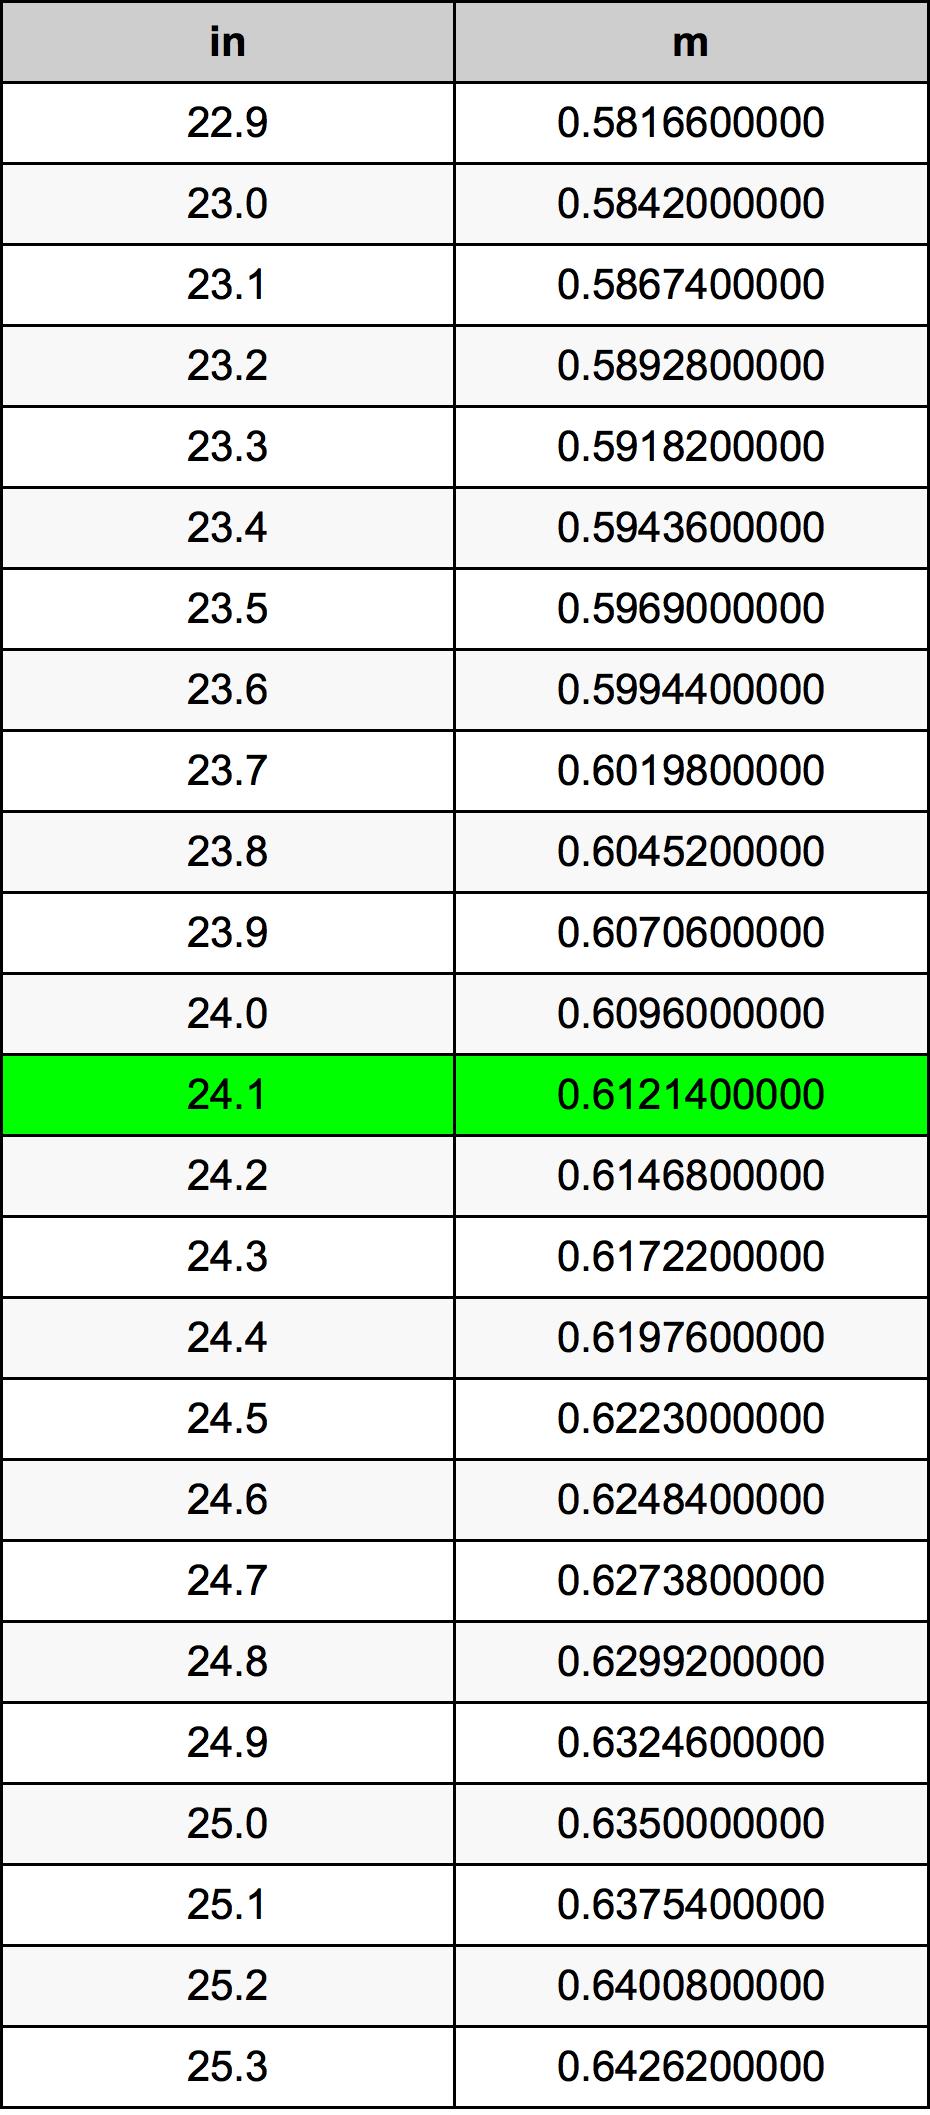 24.1 Inch conversietabel